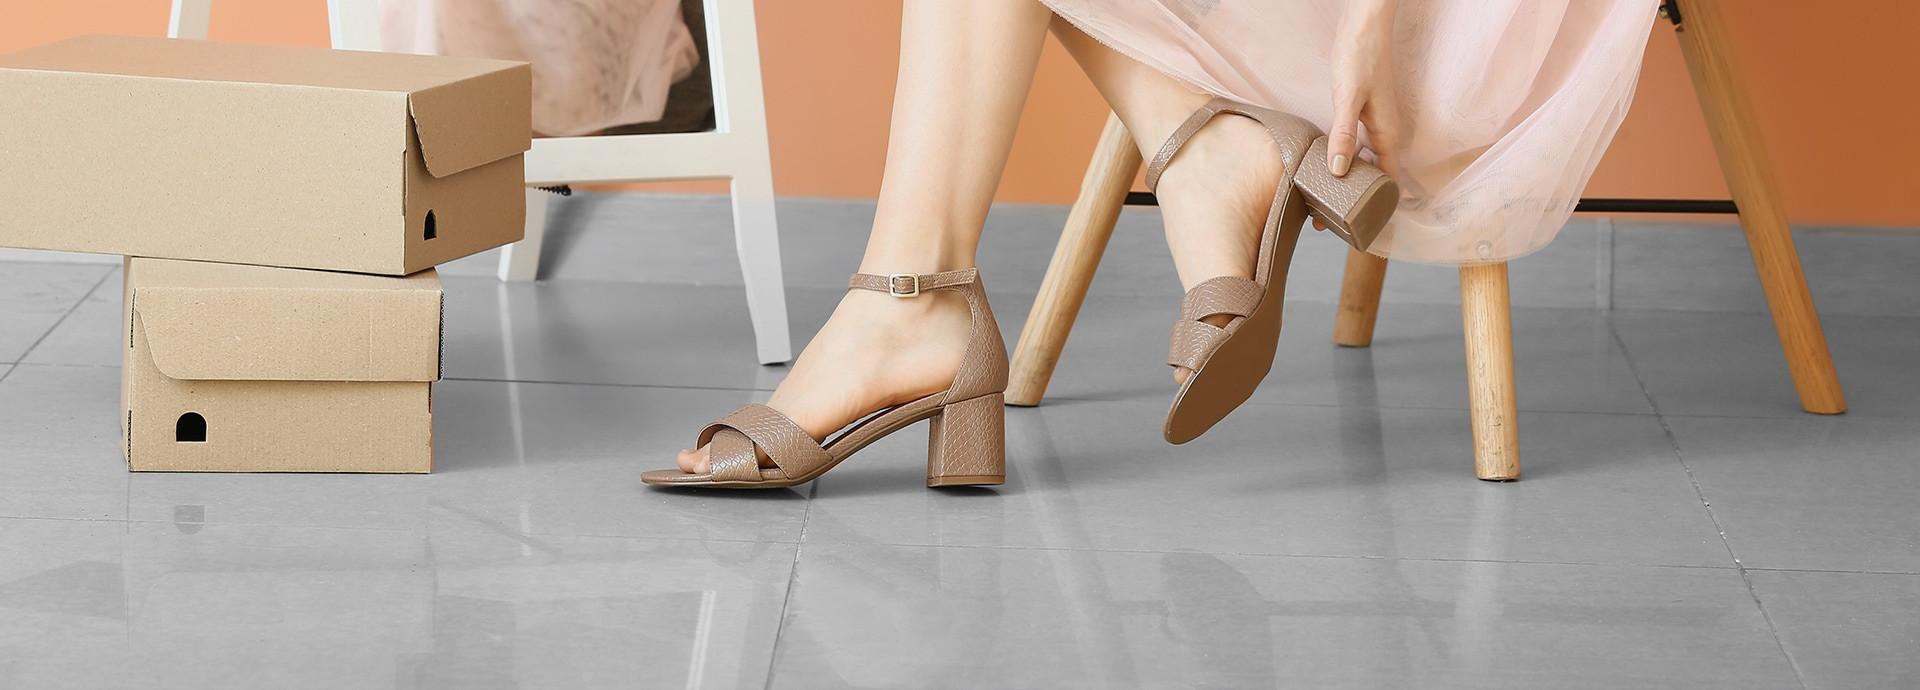 Monettes Shoes - Les Galeries de Hull